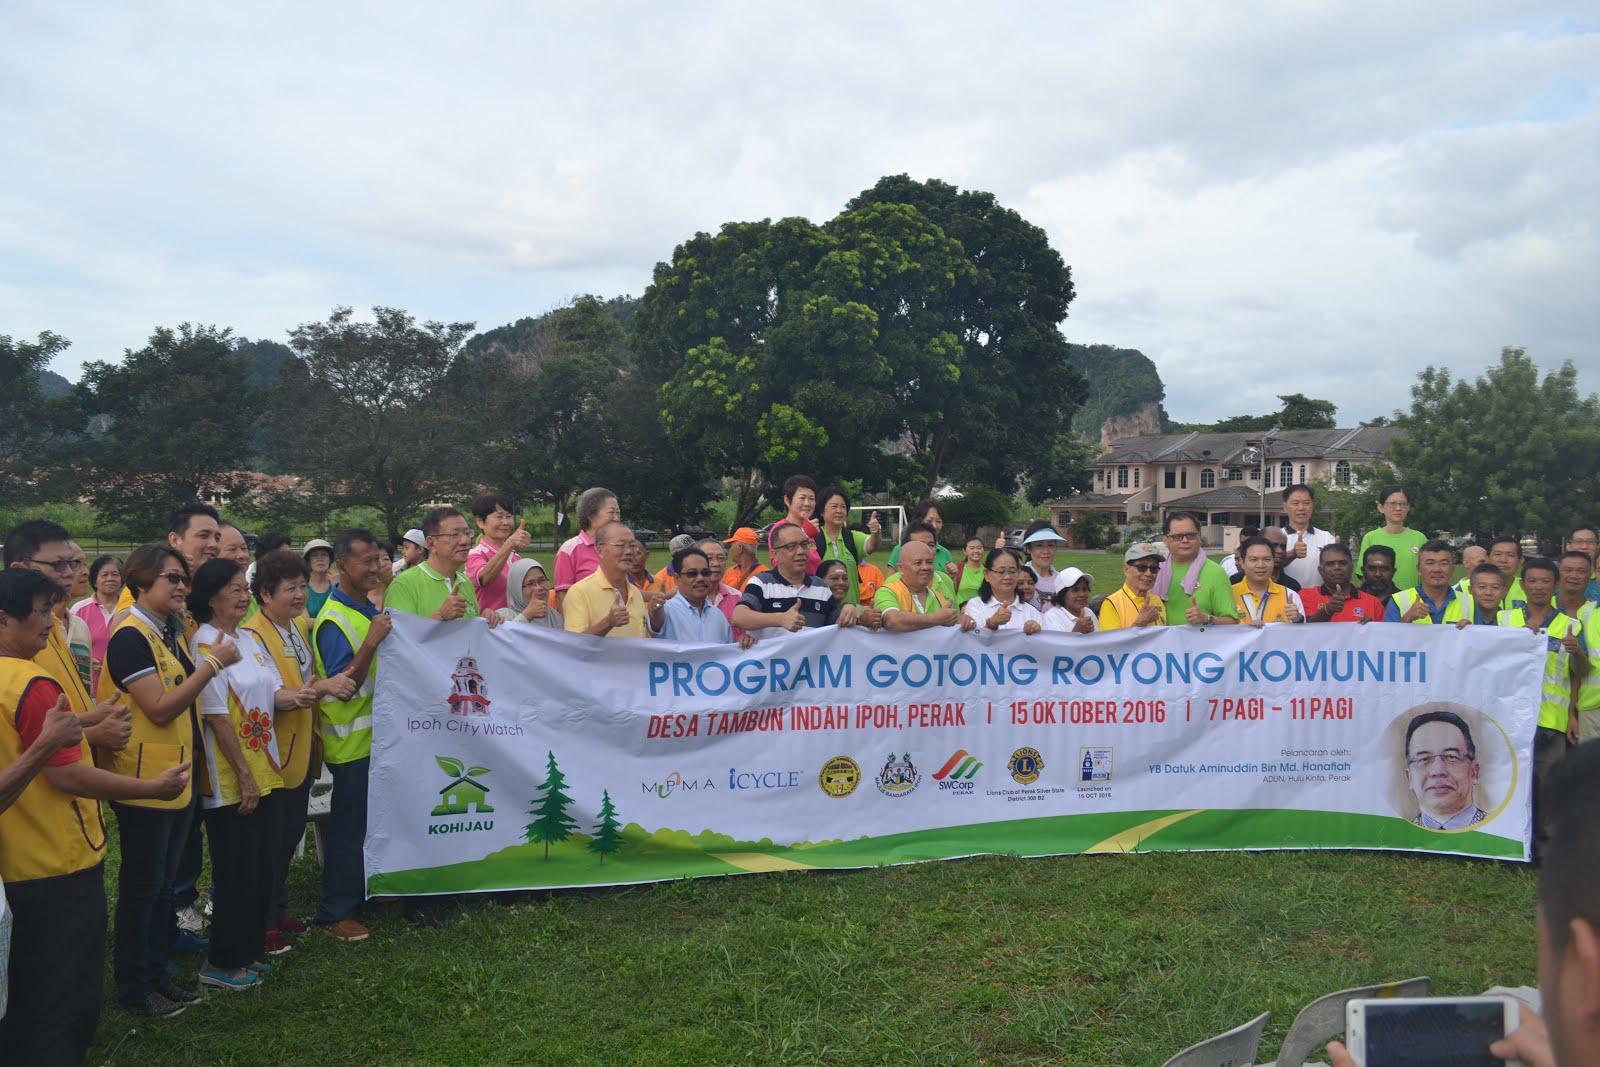 Gotong Royong at Desa Tambun Indah